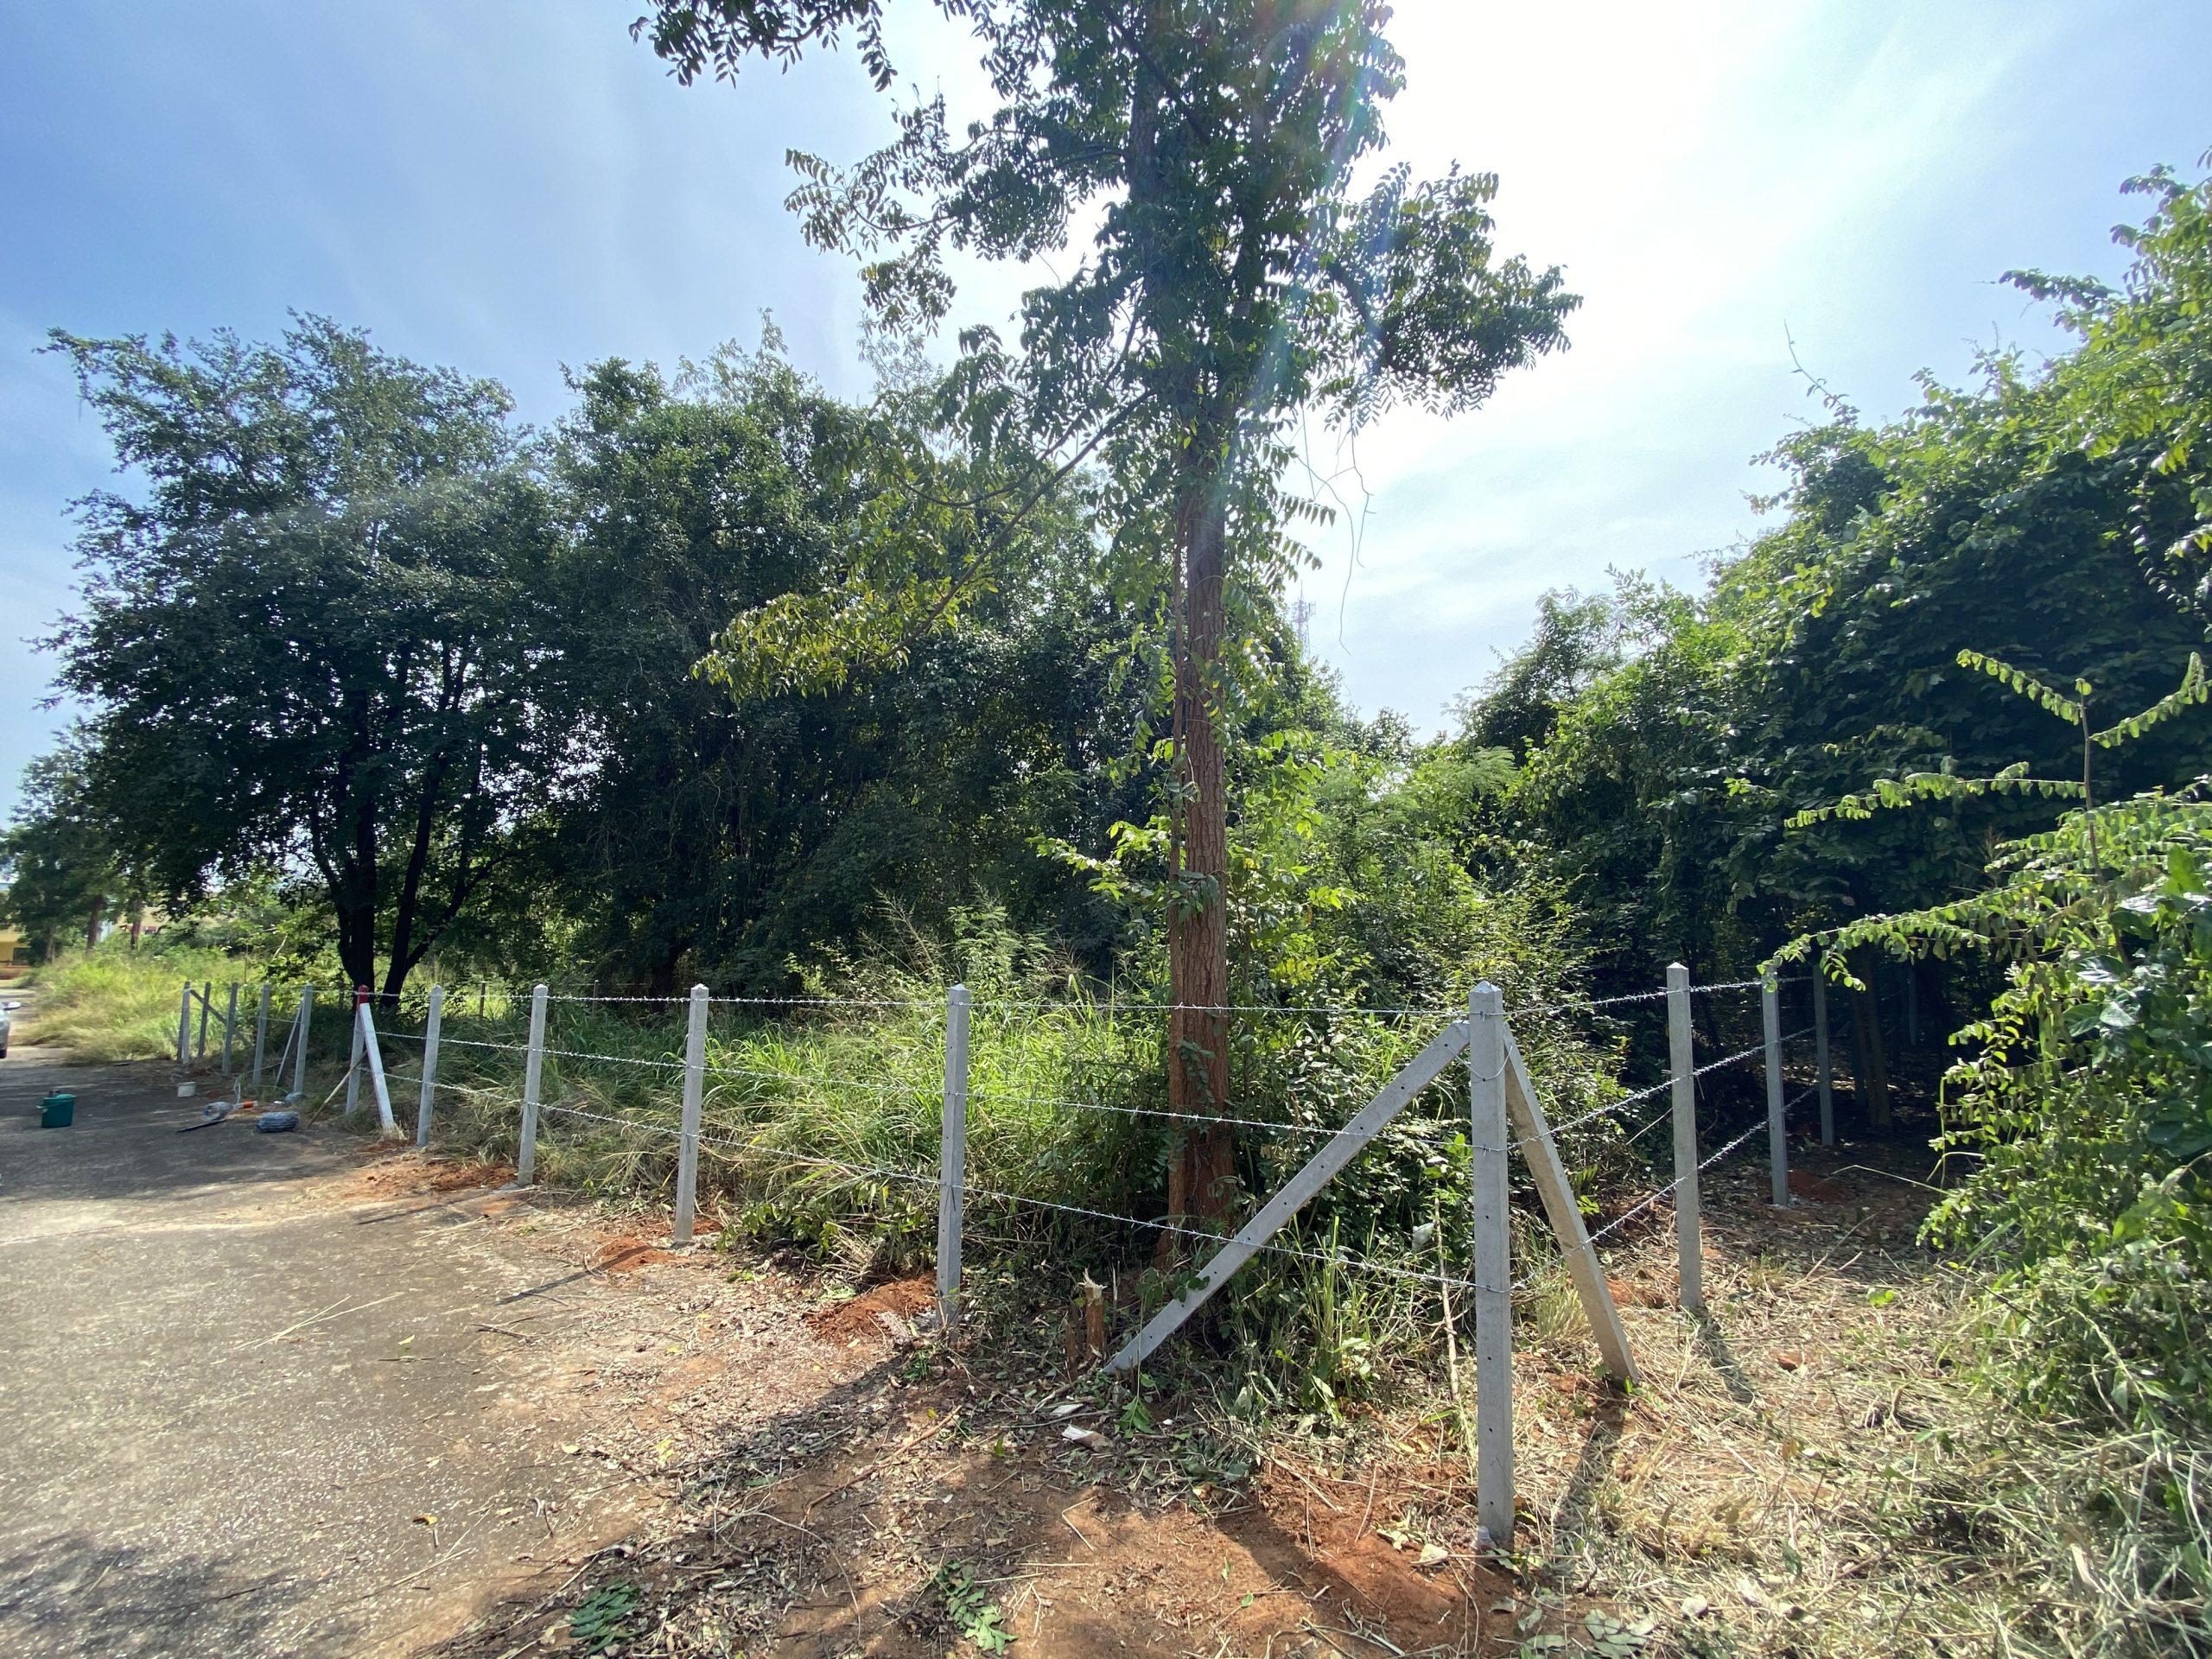 ขายที่ดินเปล่ารวม2โฉนดใกล้โรงพบาบาลสัตว์เพ็ทไทม์เนื้อที่ 120.2ตารางวา